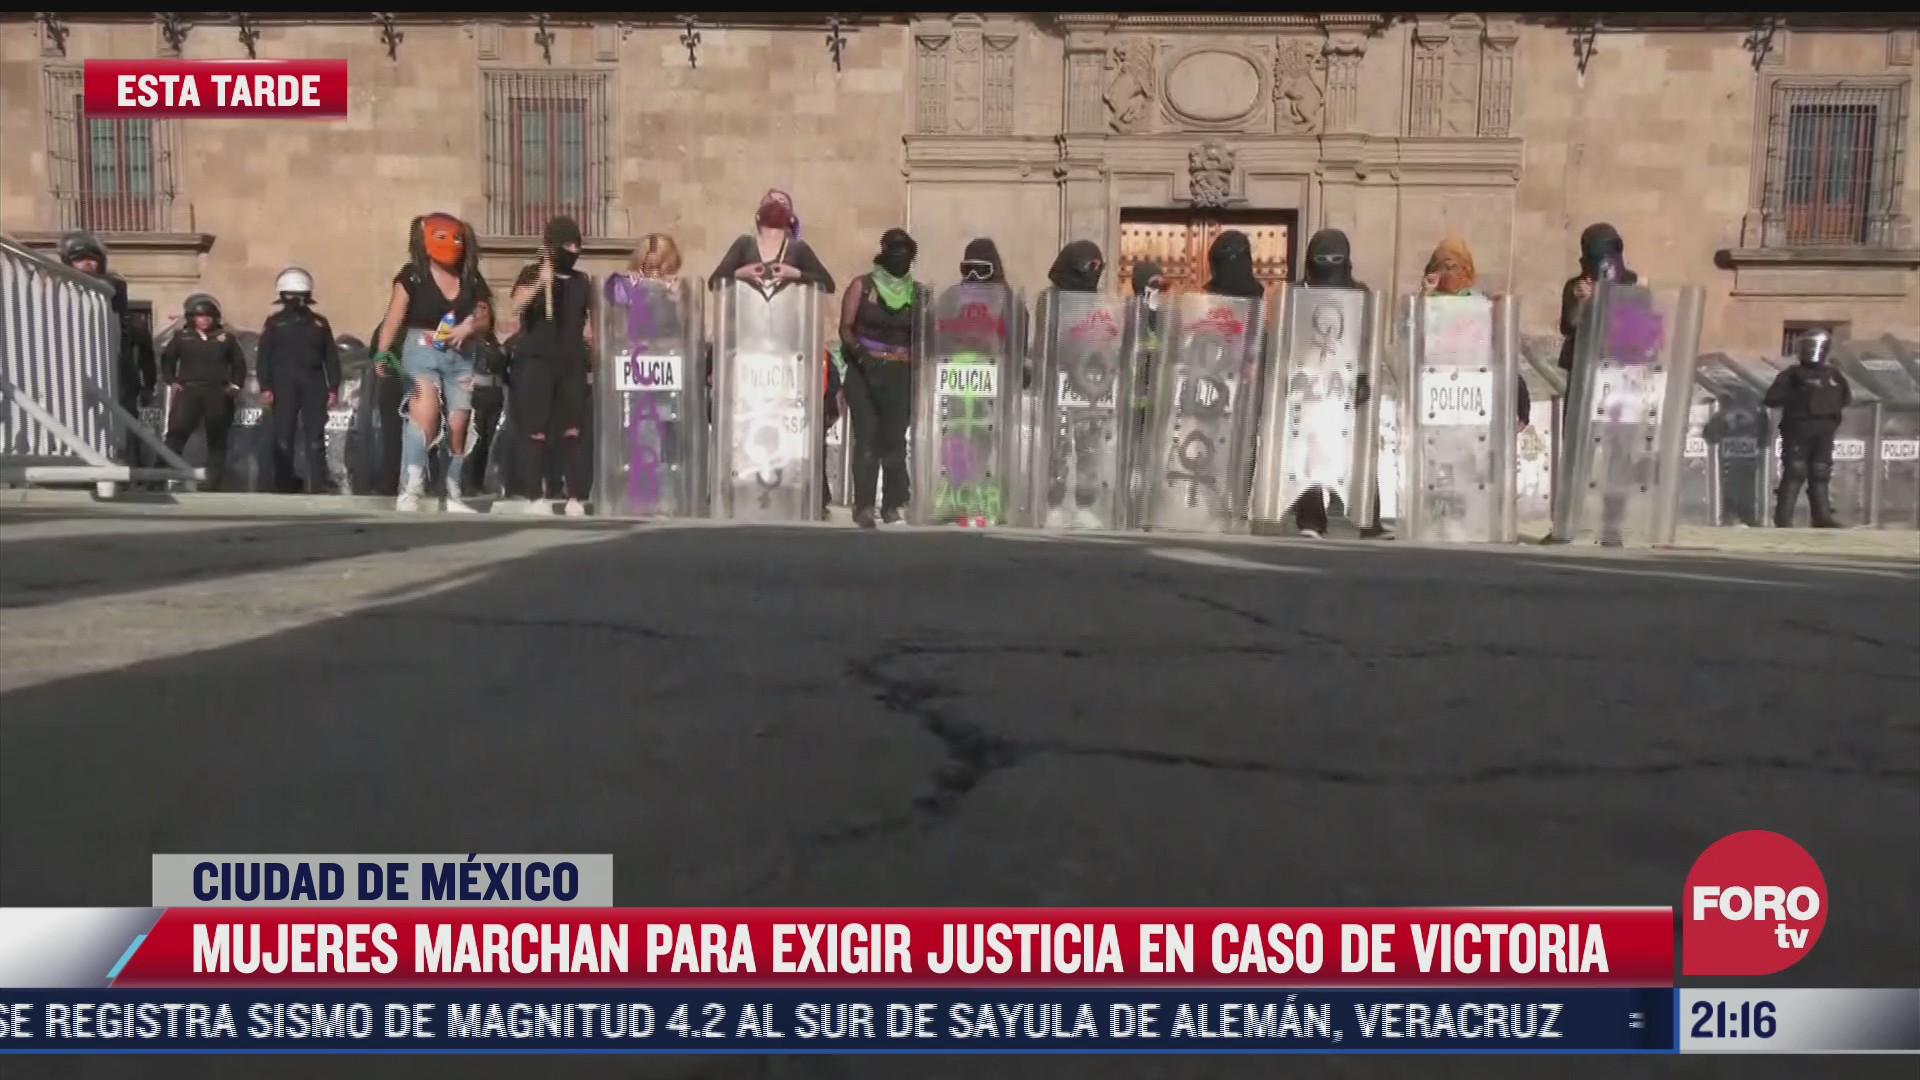 asi fue la protesta en cdmx por homicidio de victoria salazar